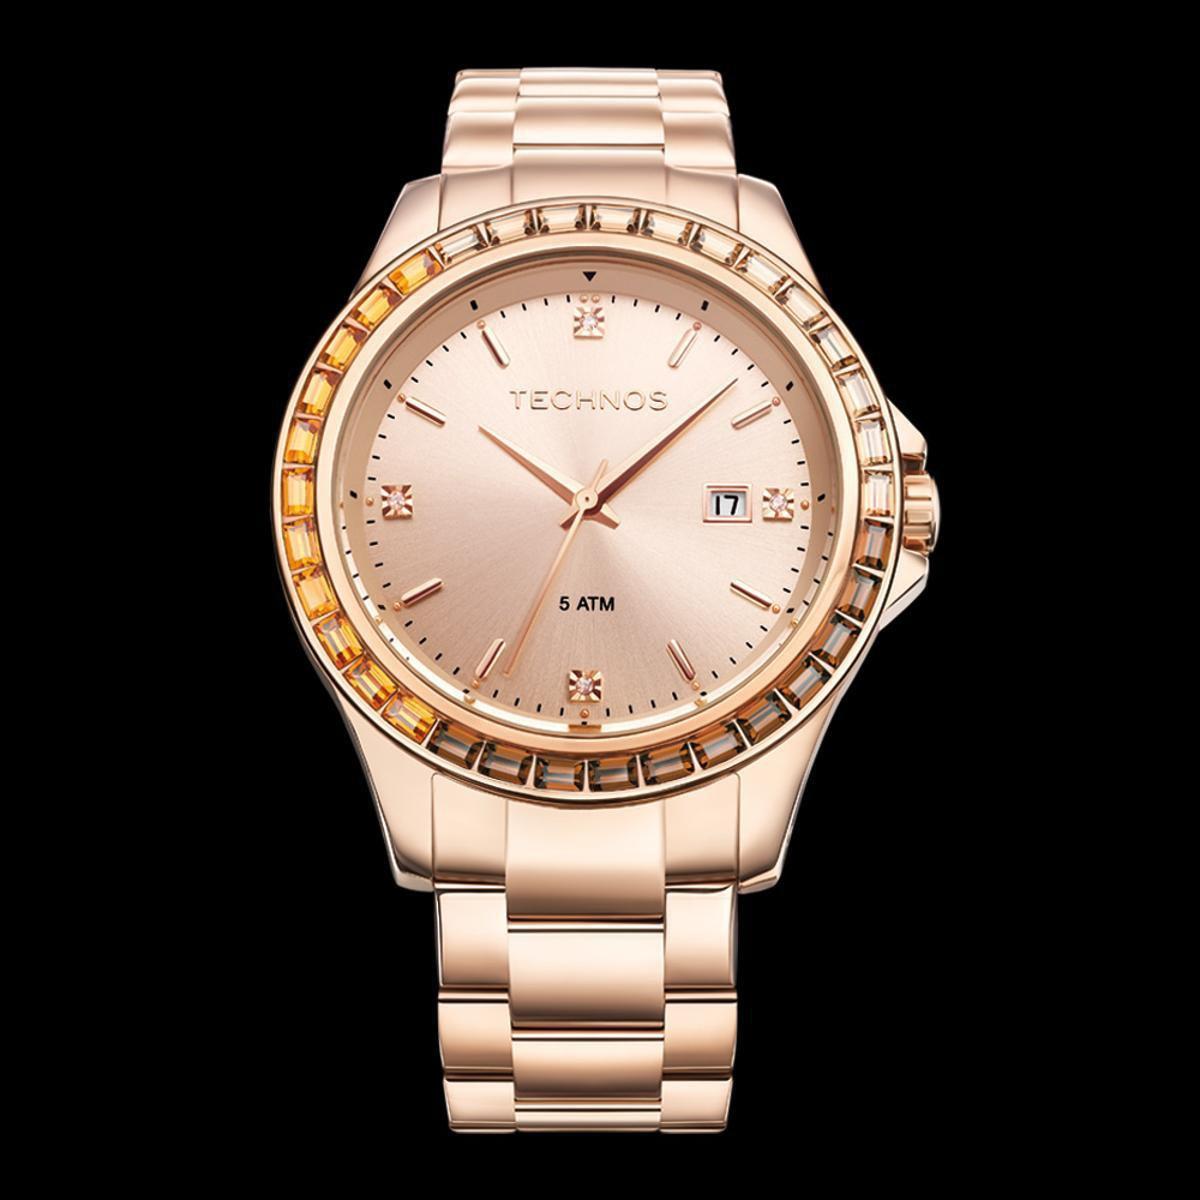 d31e7d24f65 Relógio Technos Cristal - Compre Agora